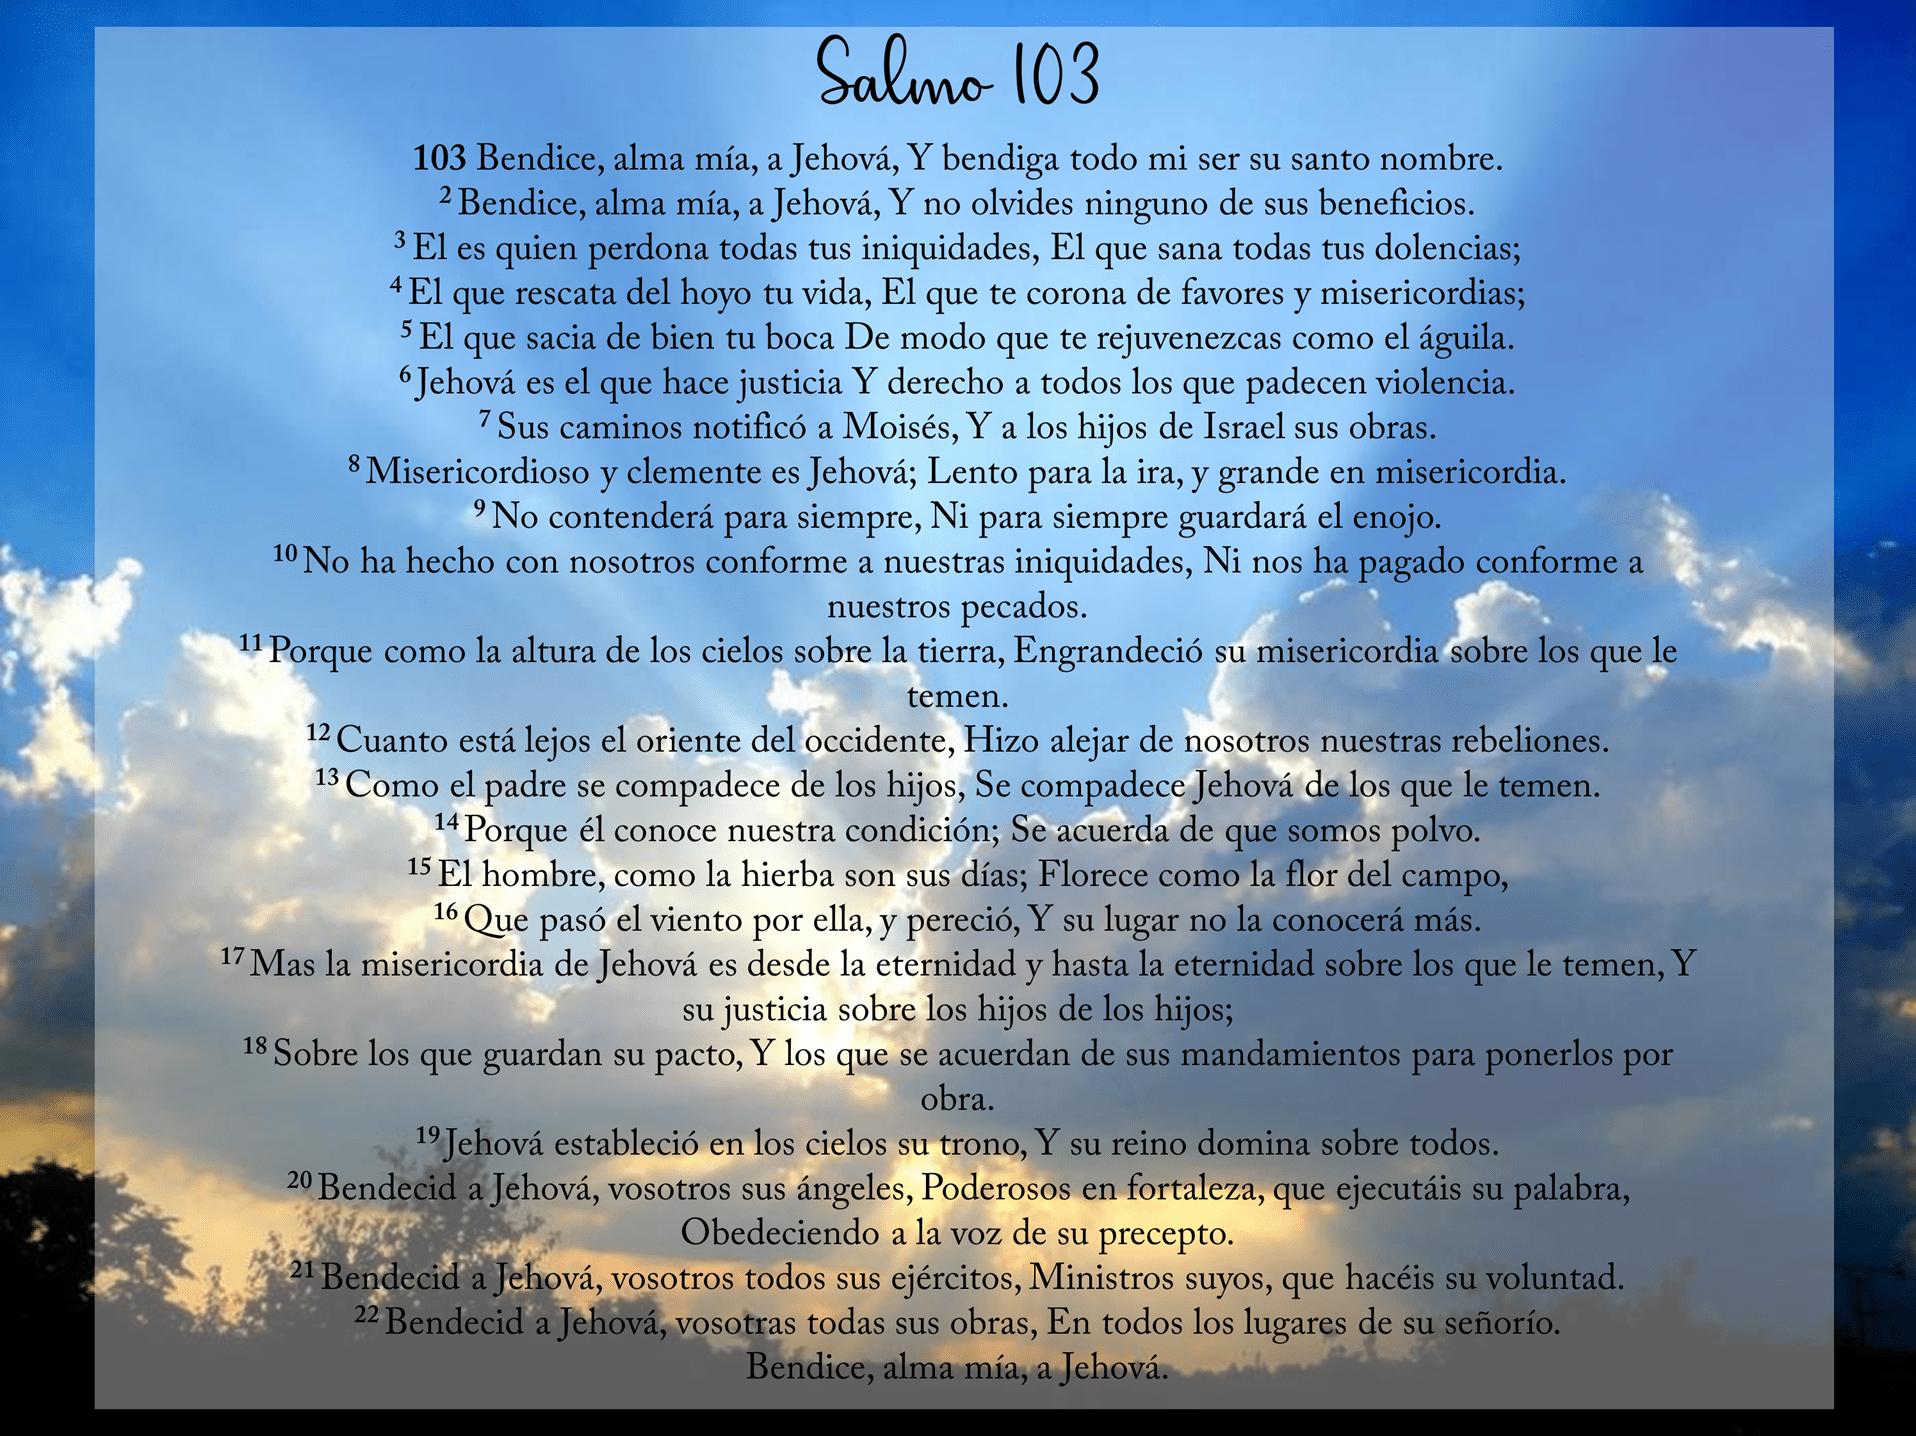 Salmo 103: explicación del pasaje bíblico, esbiblia